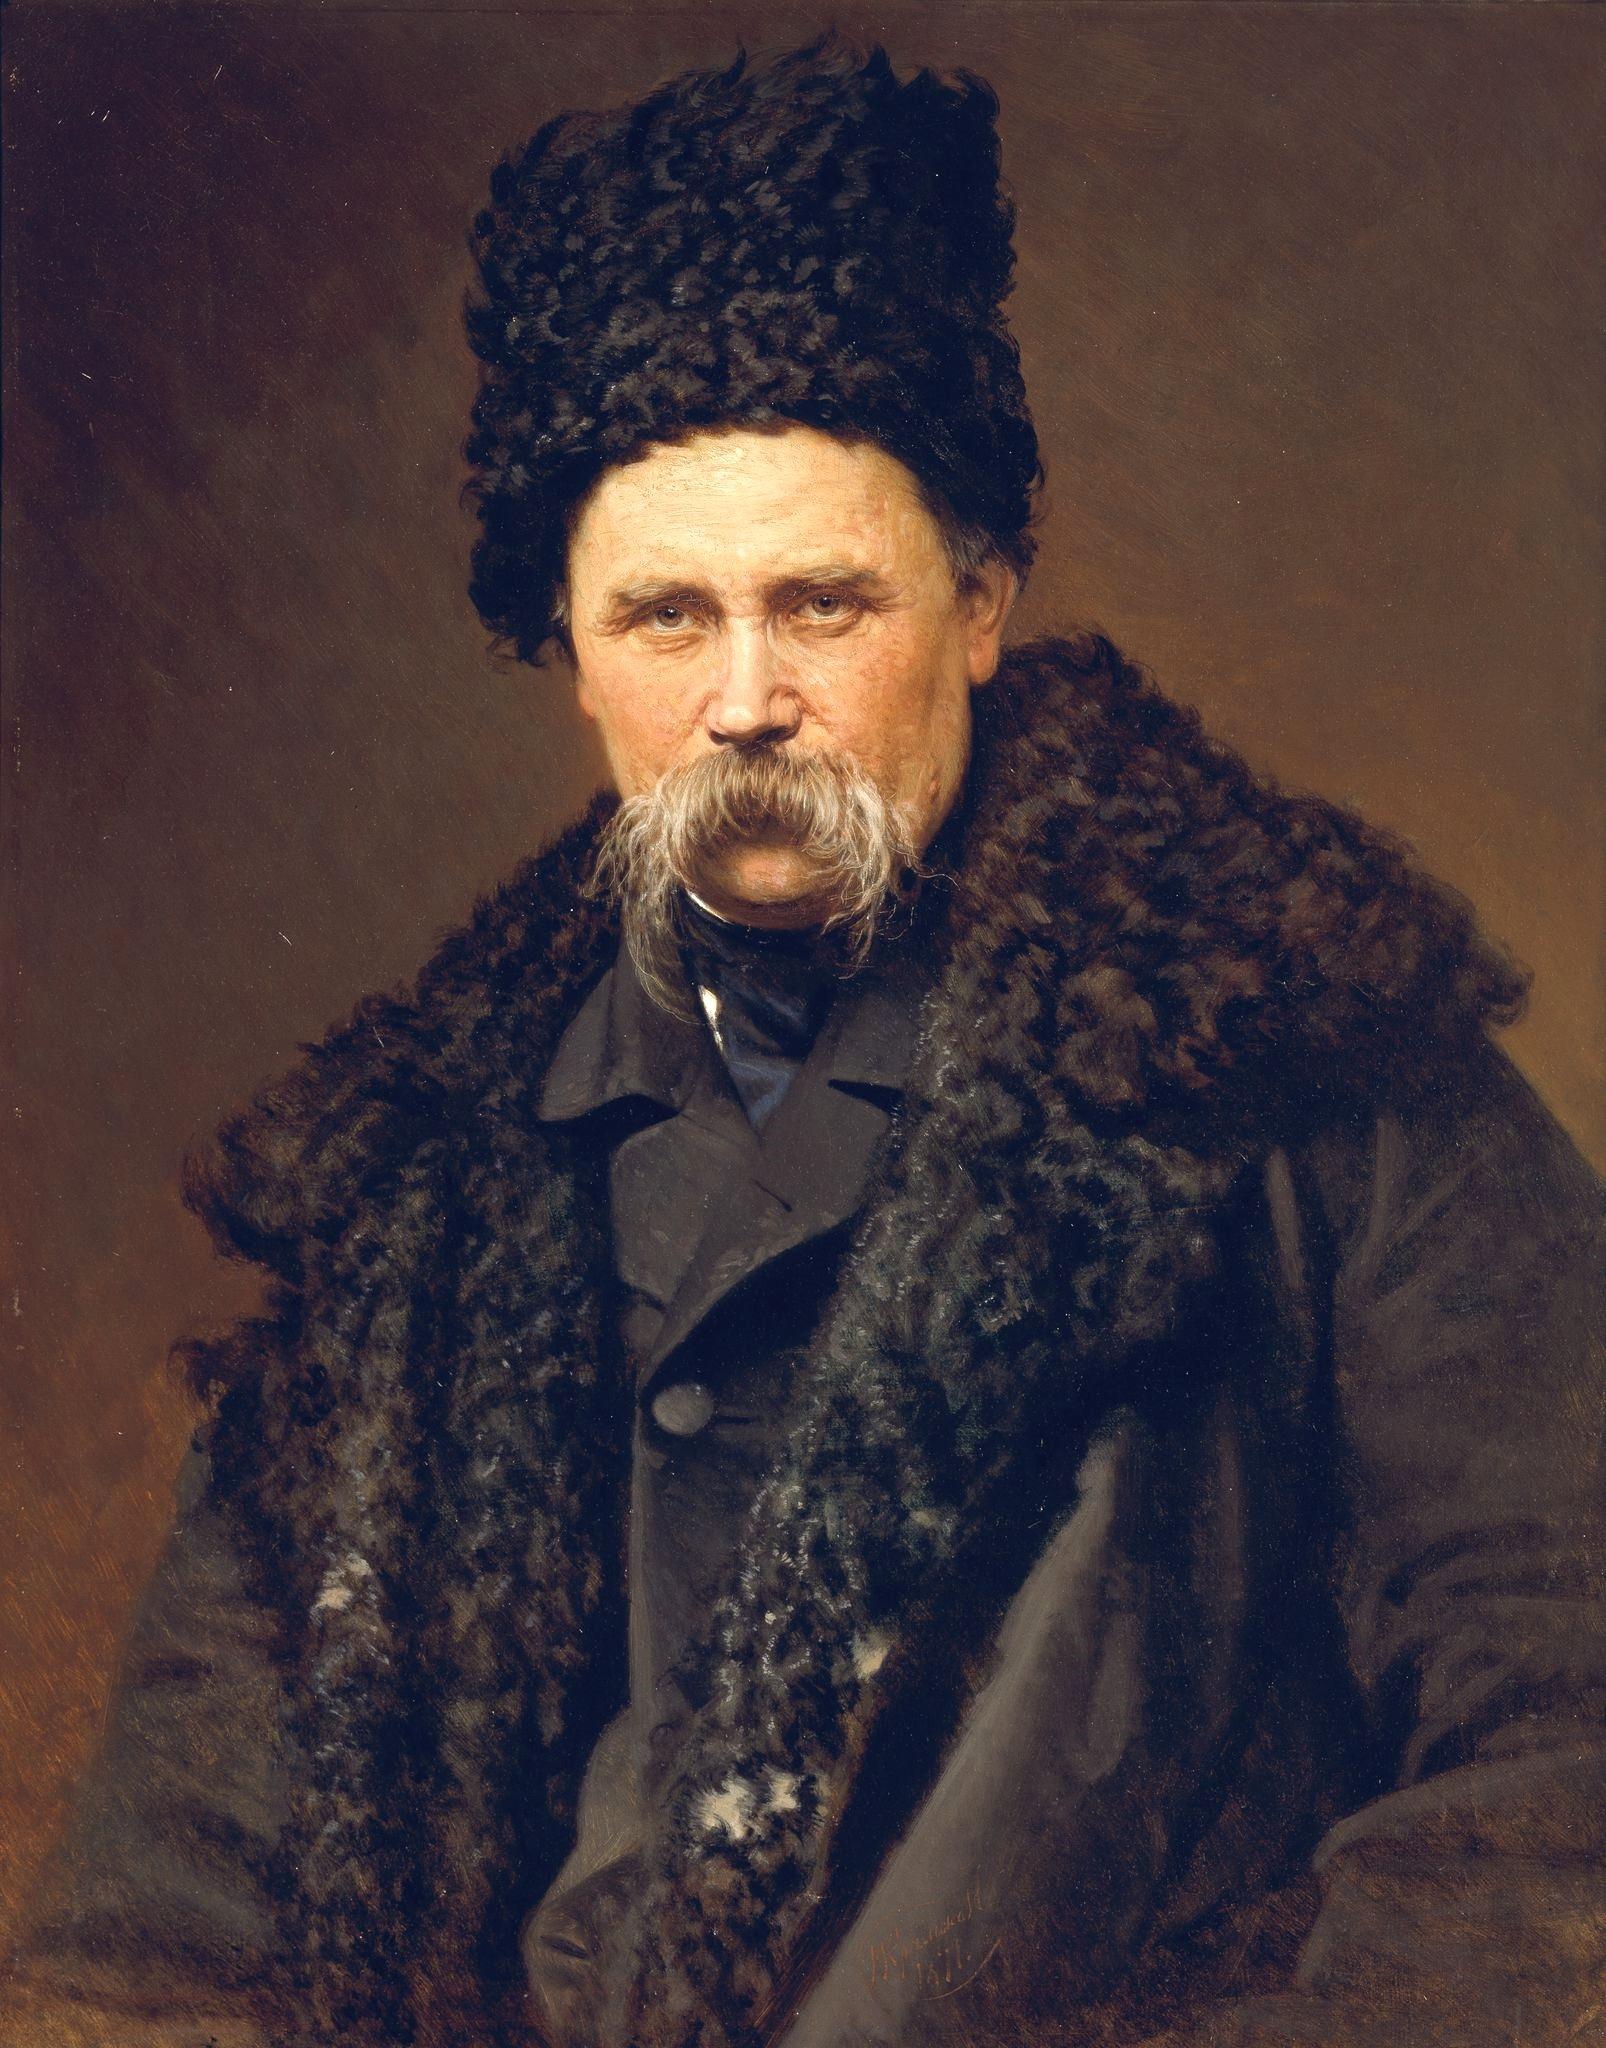 Taras Shevchenko - portrait by Ivan Kramskoi.jpg